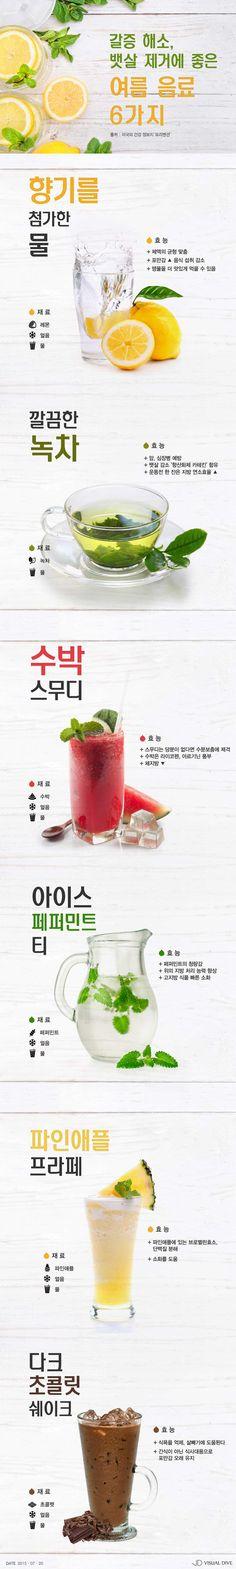 갈증해소와 뱃살제거에 좋은 음료 6가지 [인포그래픽] #Drink / #Infographic ⓒ 비주얼다이브 무단 복사·전재·재배포 금지